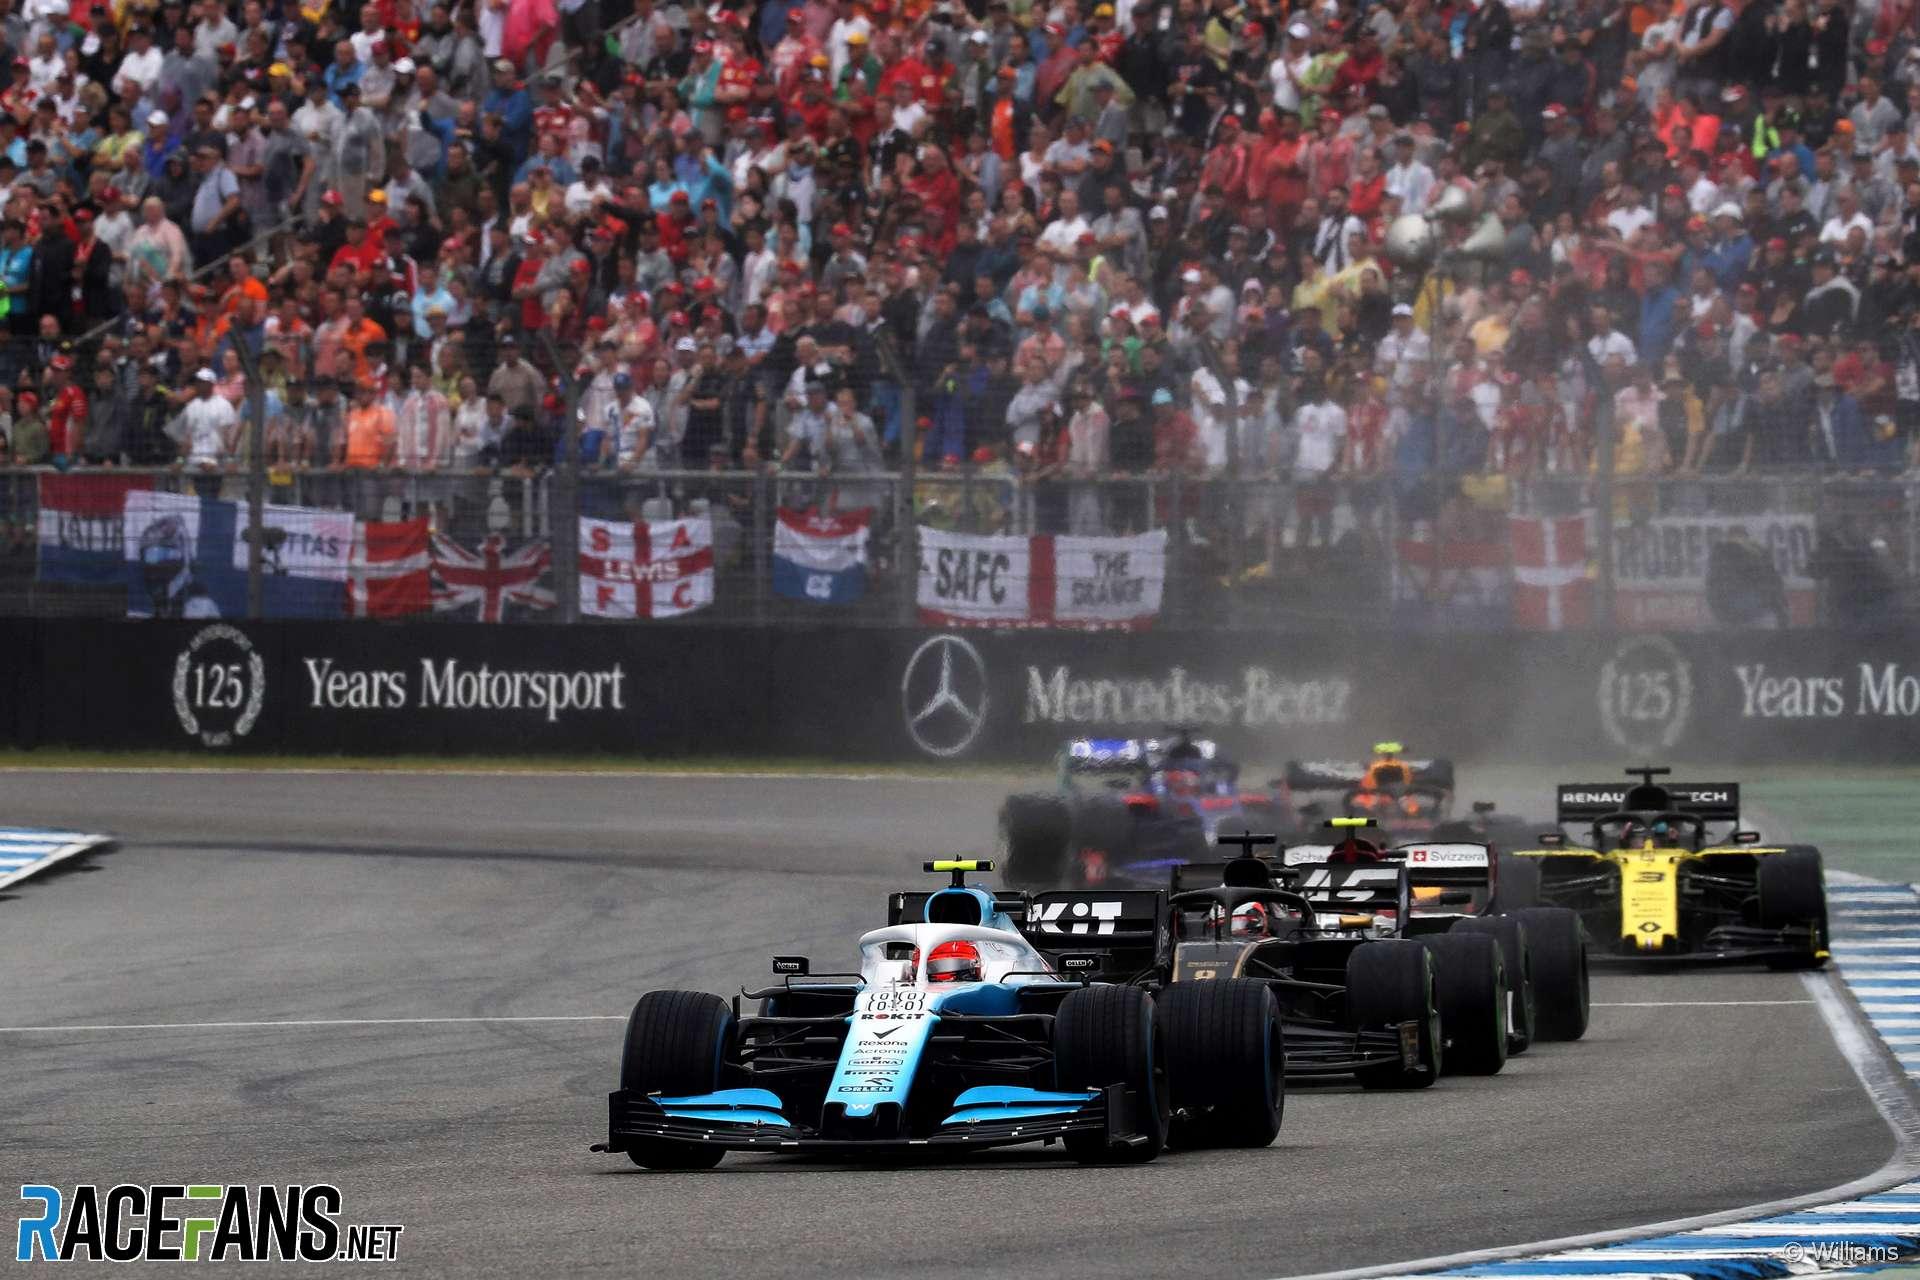 Robert Kubica, Williams, Hockenheimring, 2019